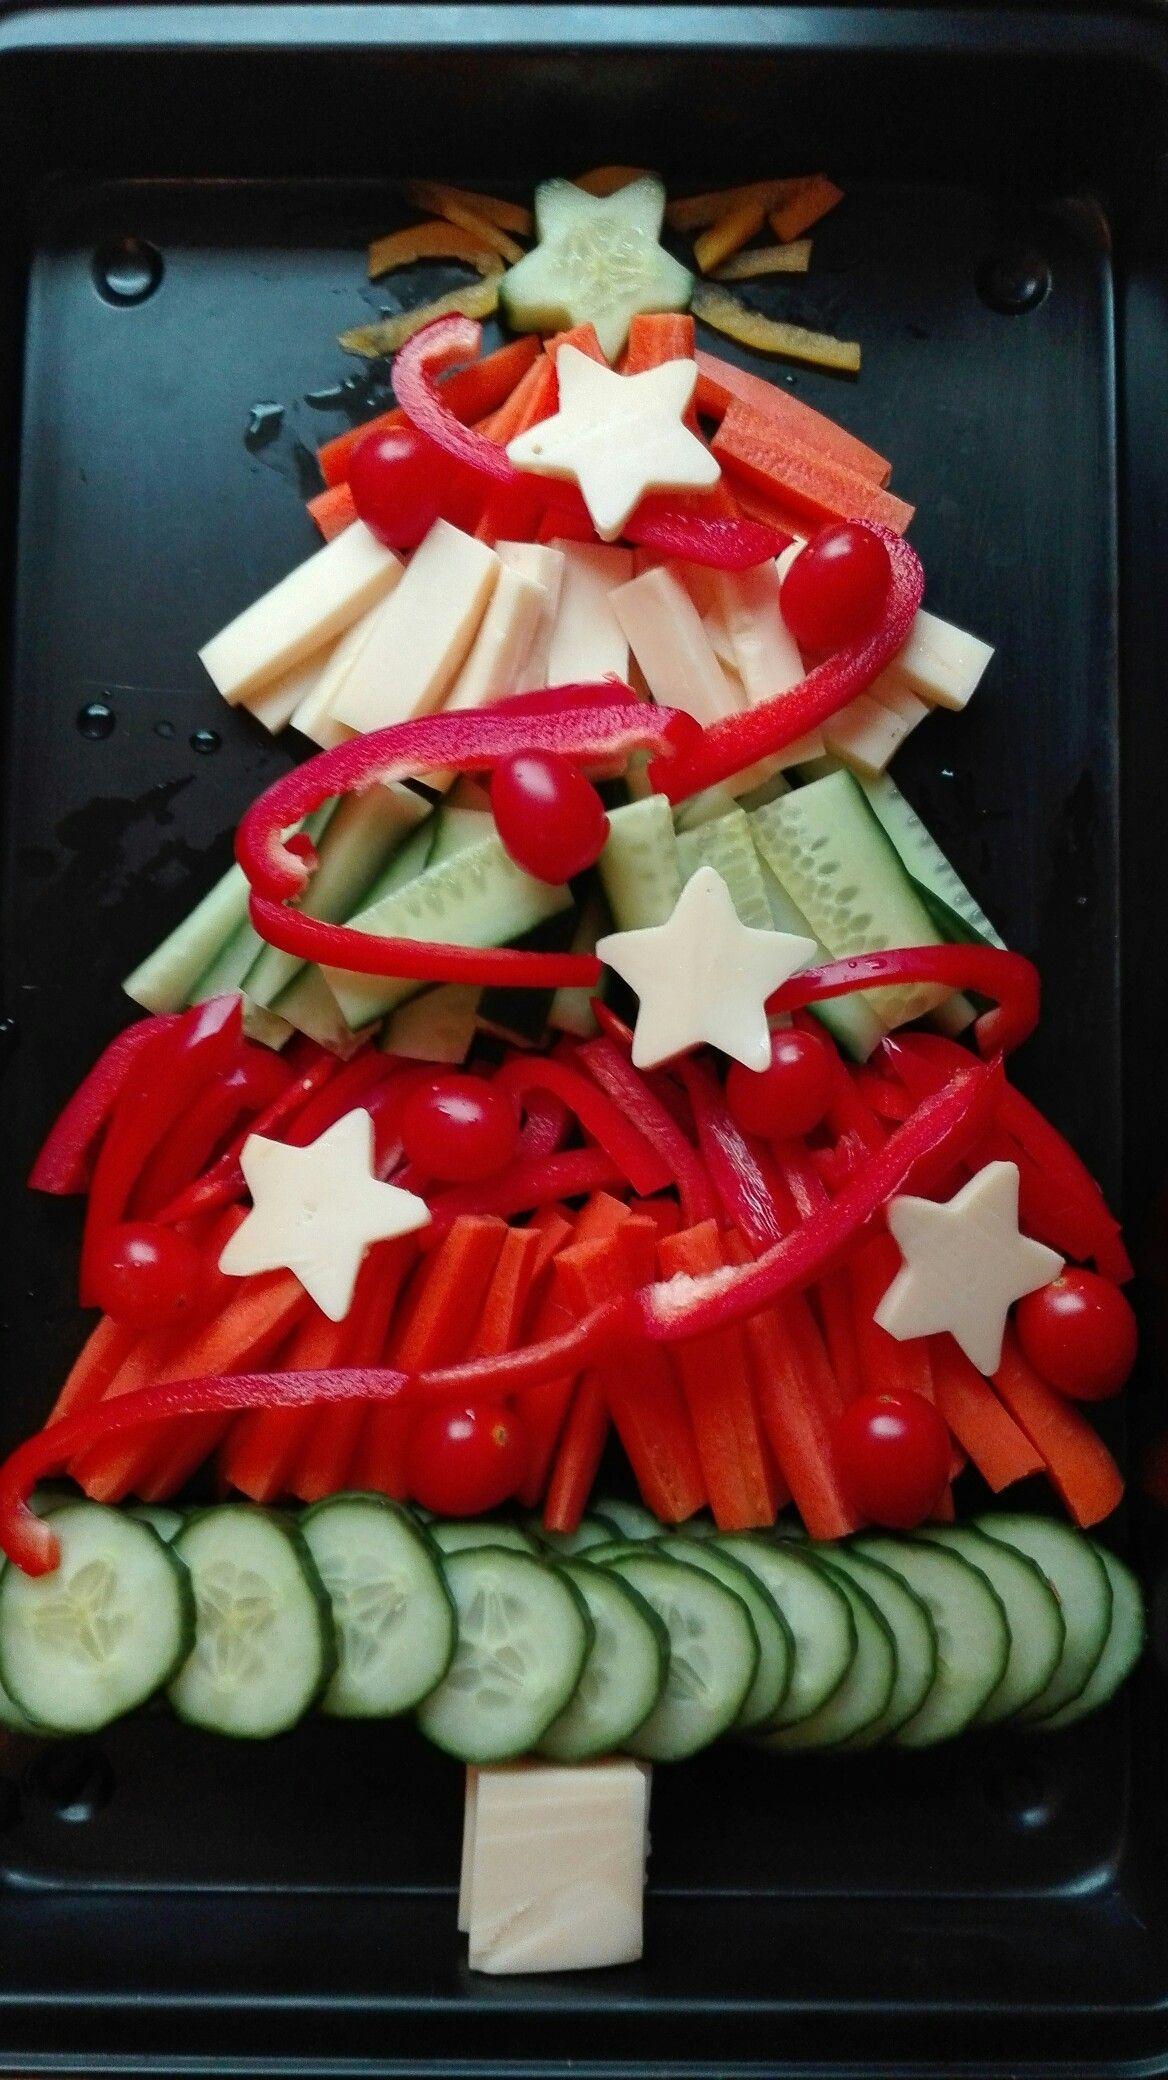 Für die Weihnachtsfeier im Kindergarten #fingerfoodweihnachten Für die Weihnachtsfeier im Kindergarten #veganhumor